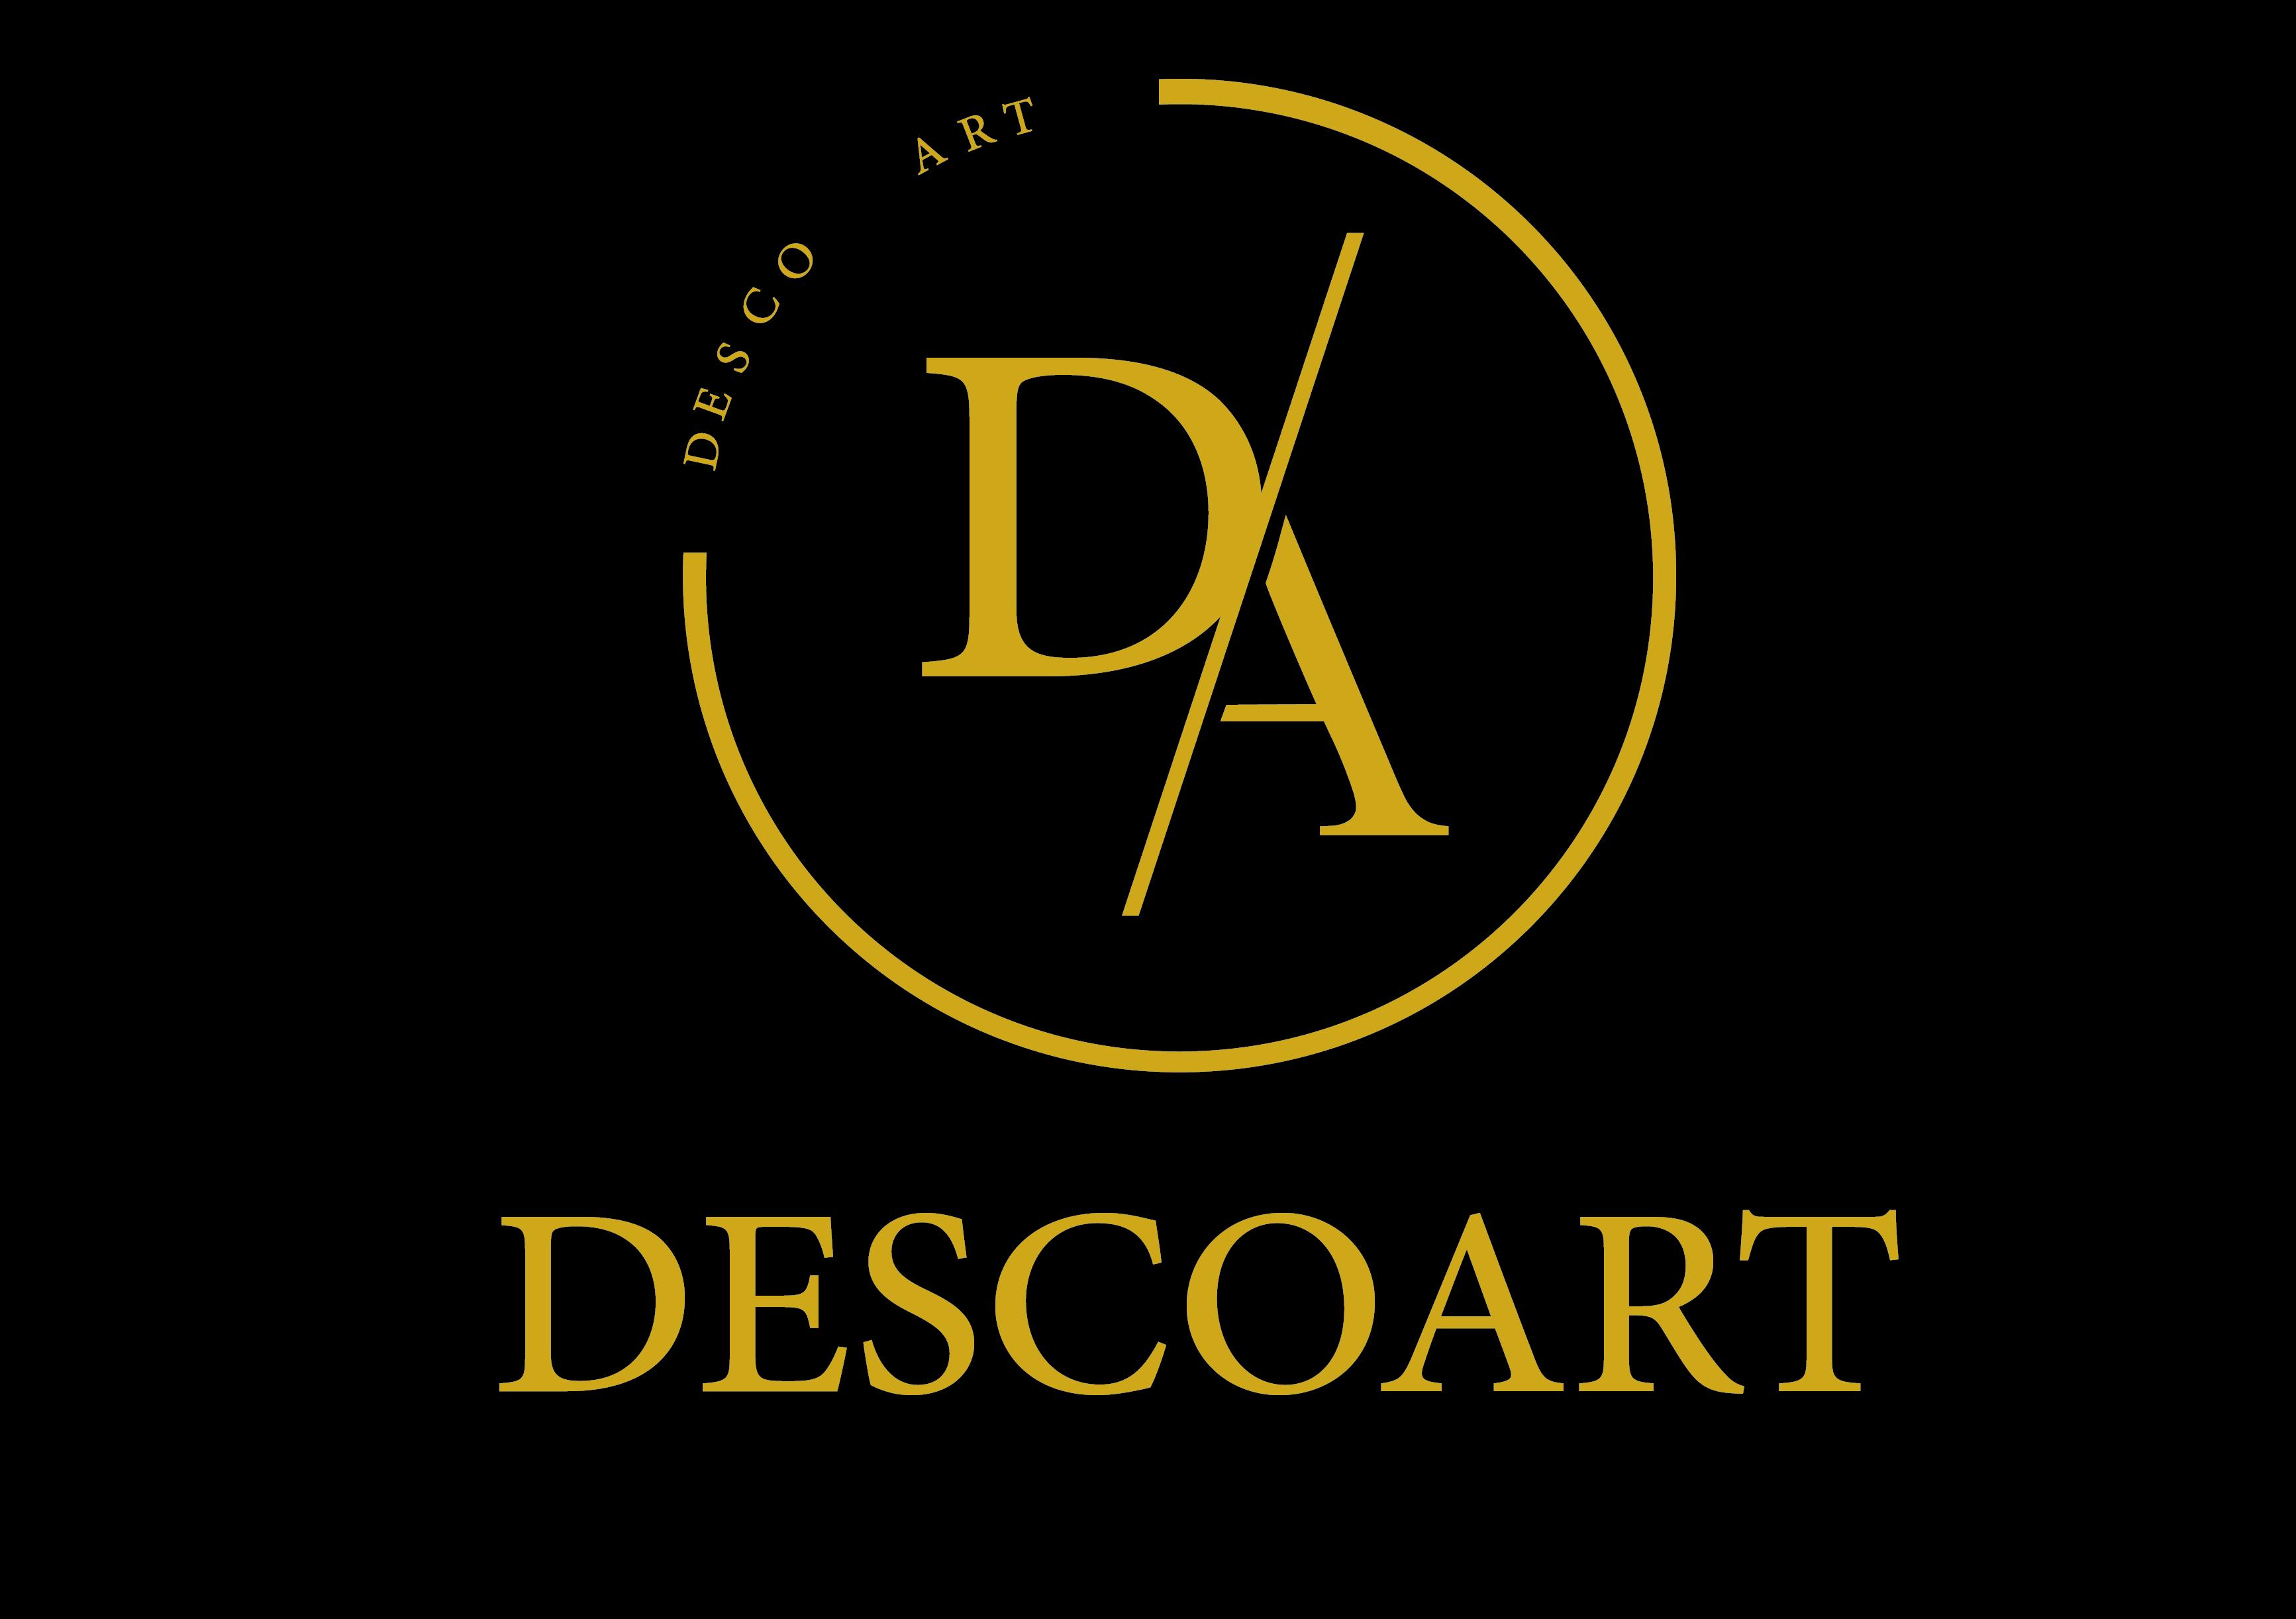 Descoart